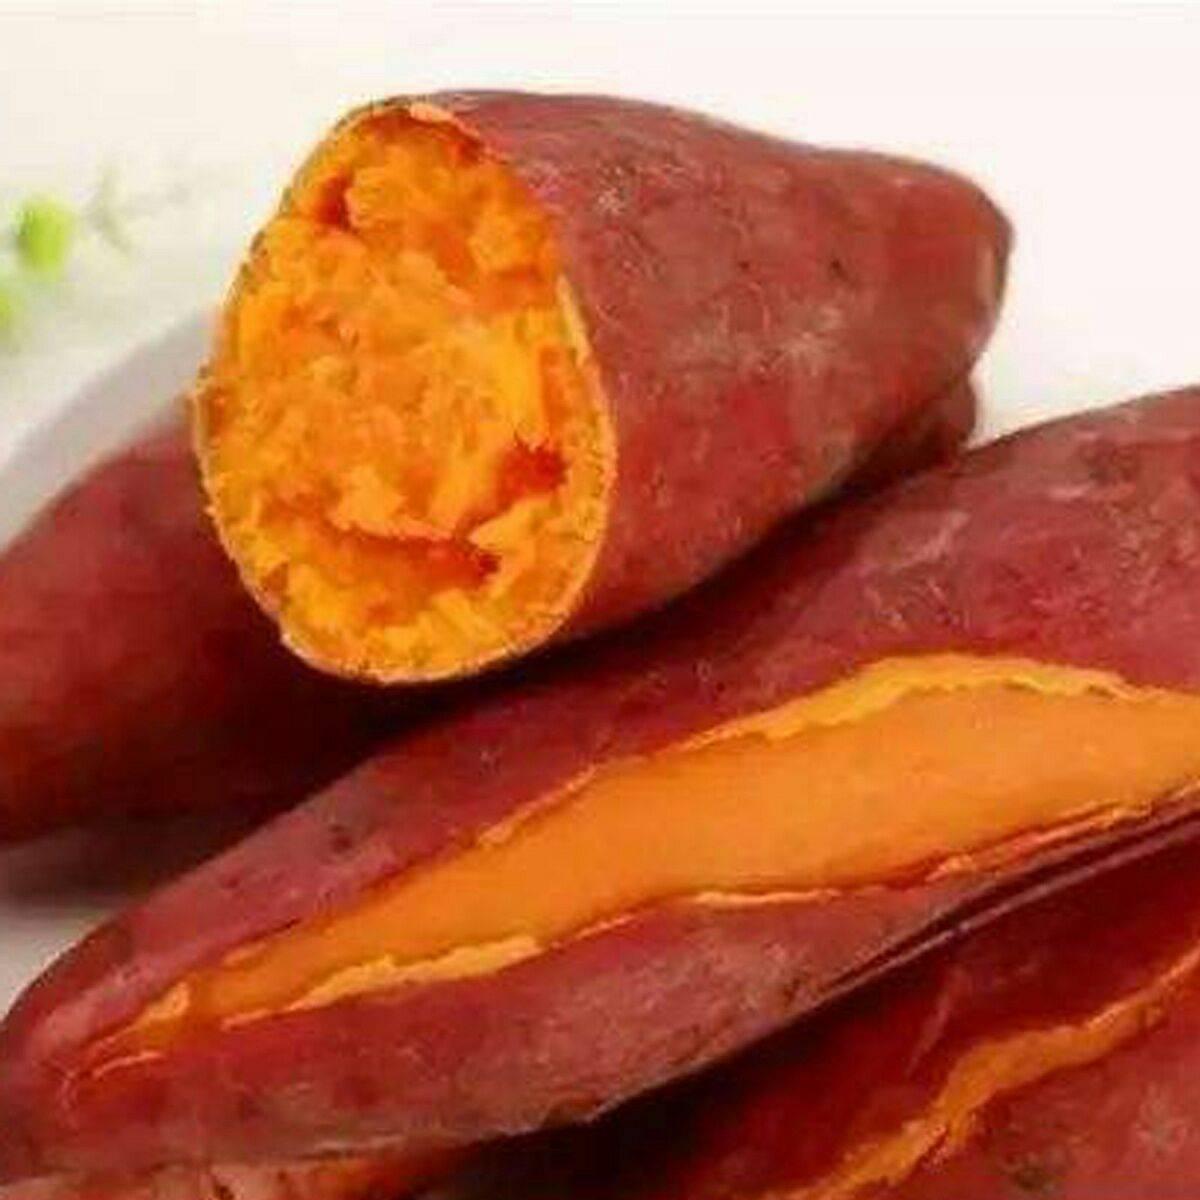 [蜜薯批发]红薯蜜薯5斤装地瓜红心薯新鲜蔬菜价格29元/箱